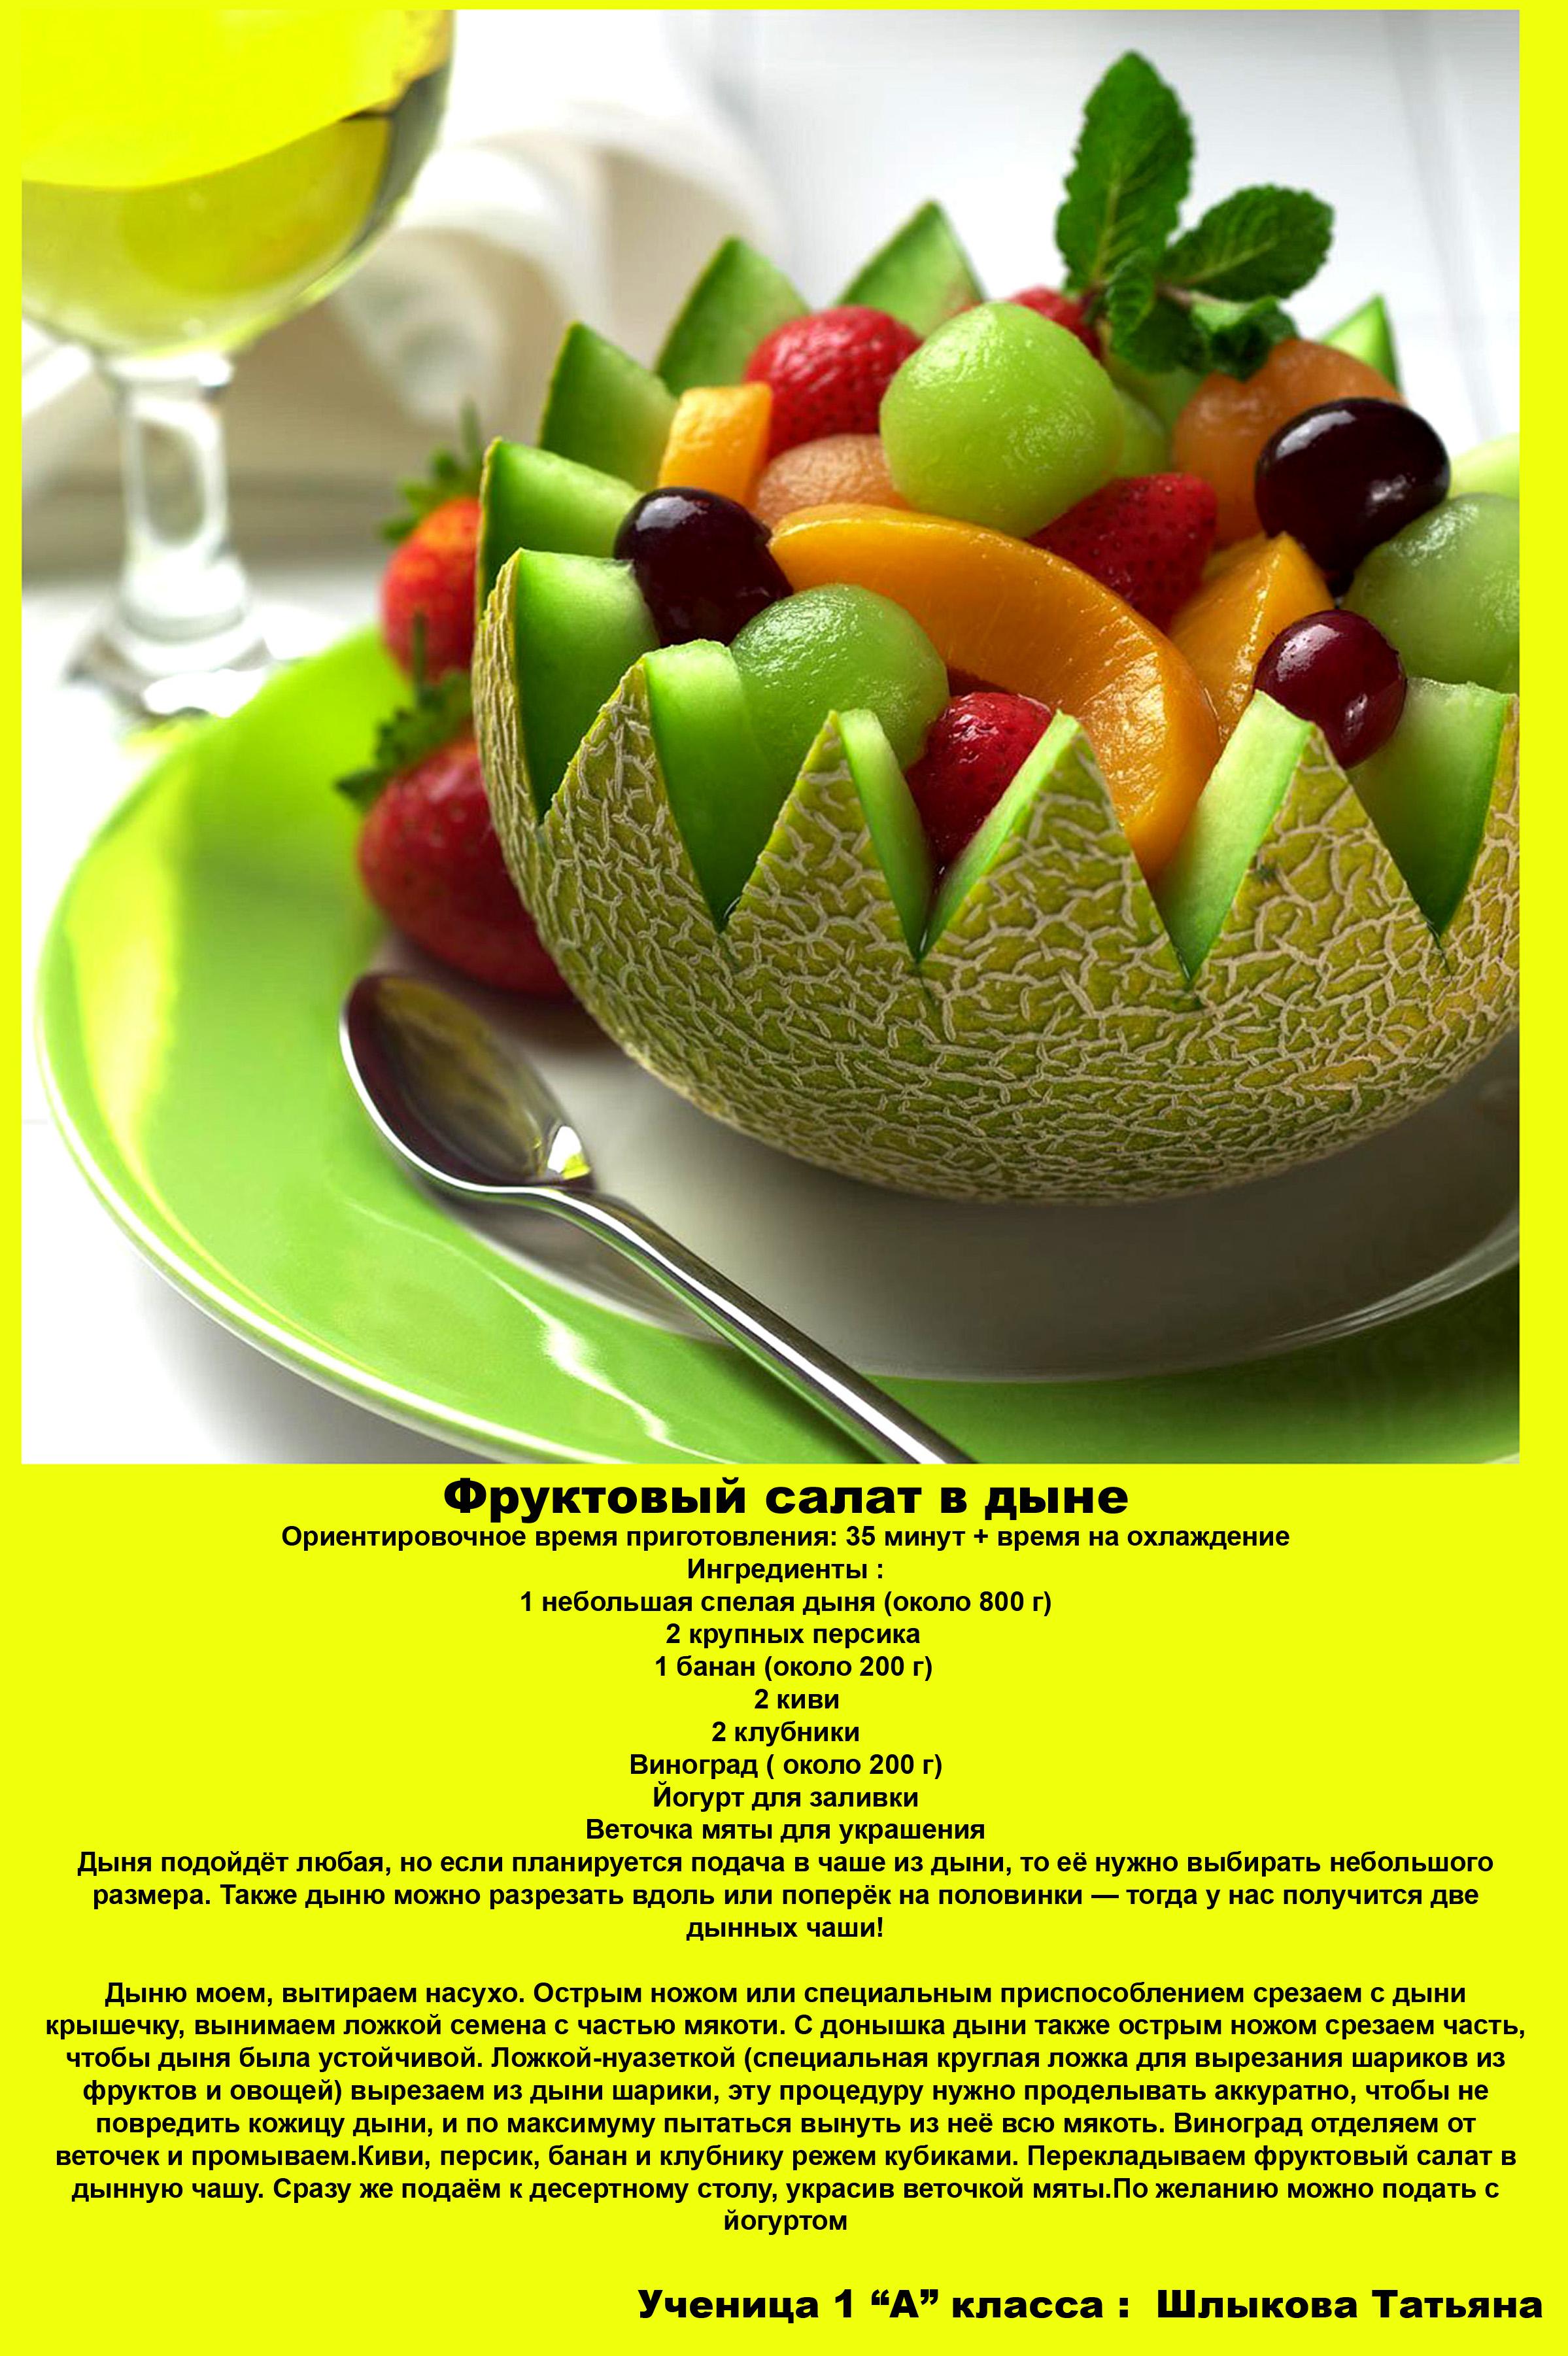 сайт разговор о правильном питание результаты конкурса